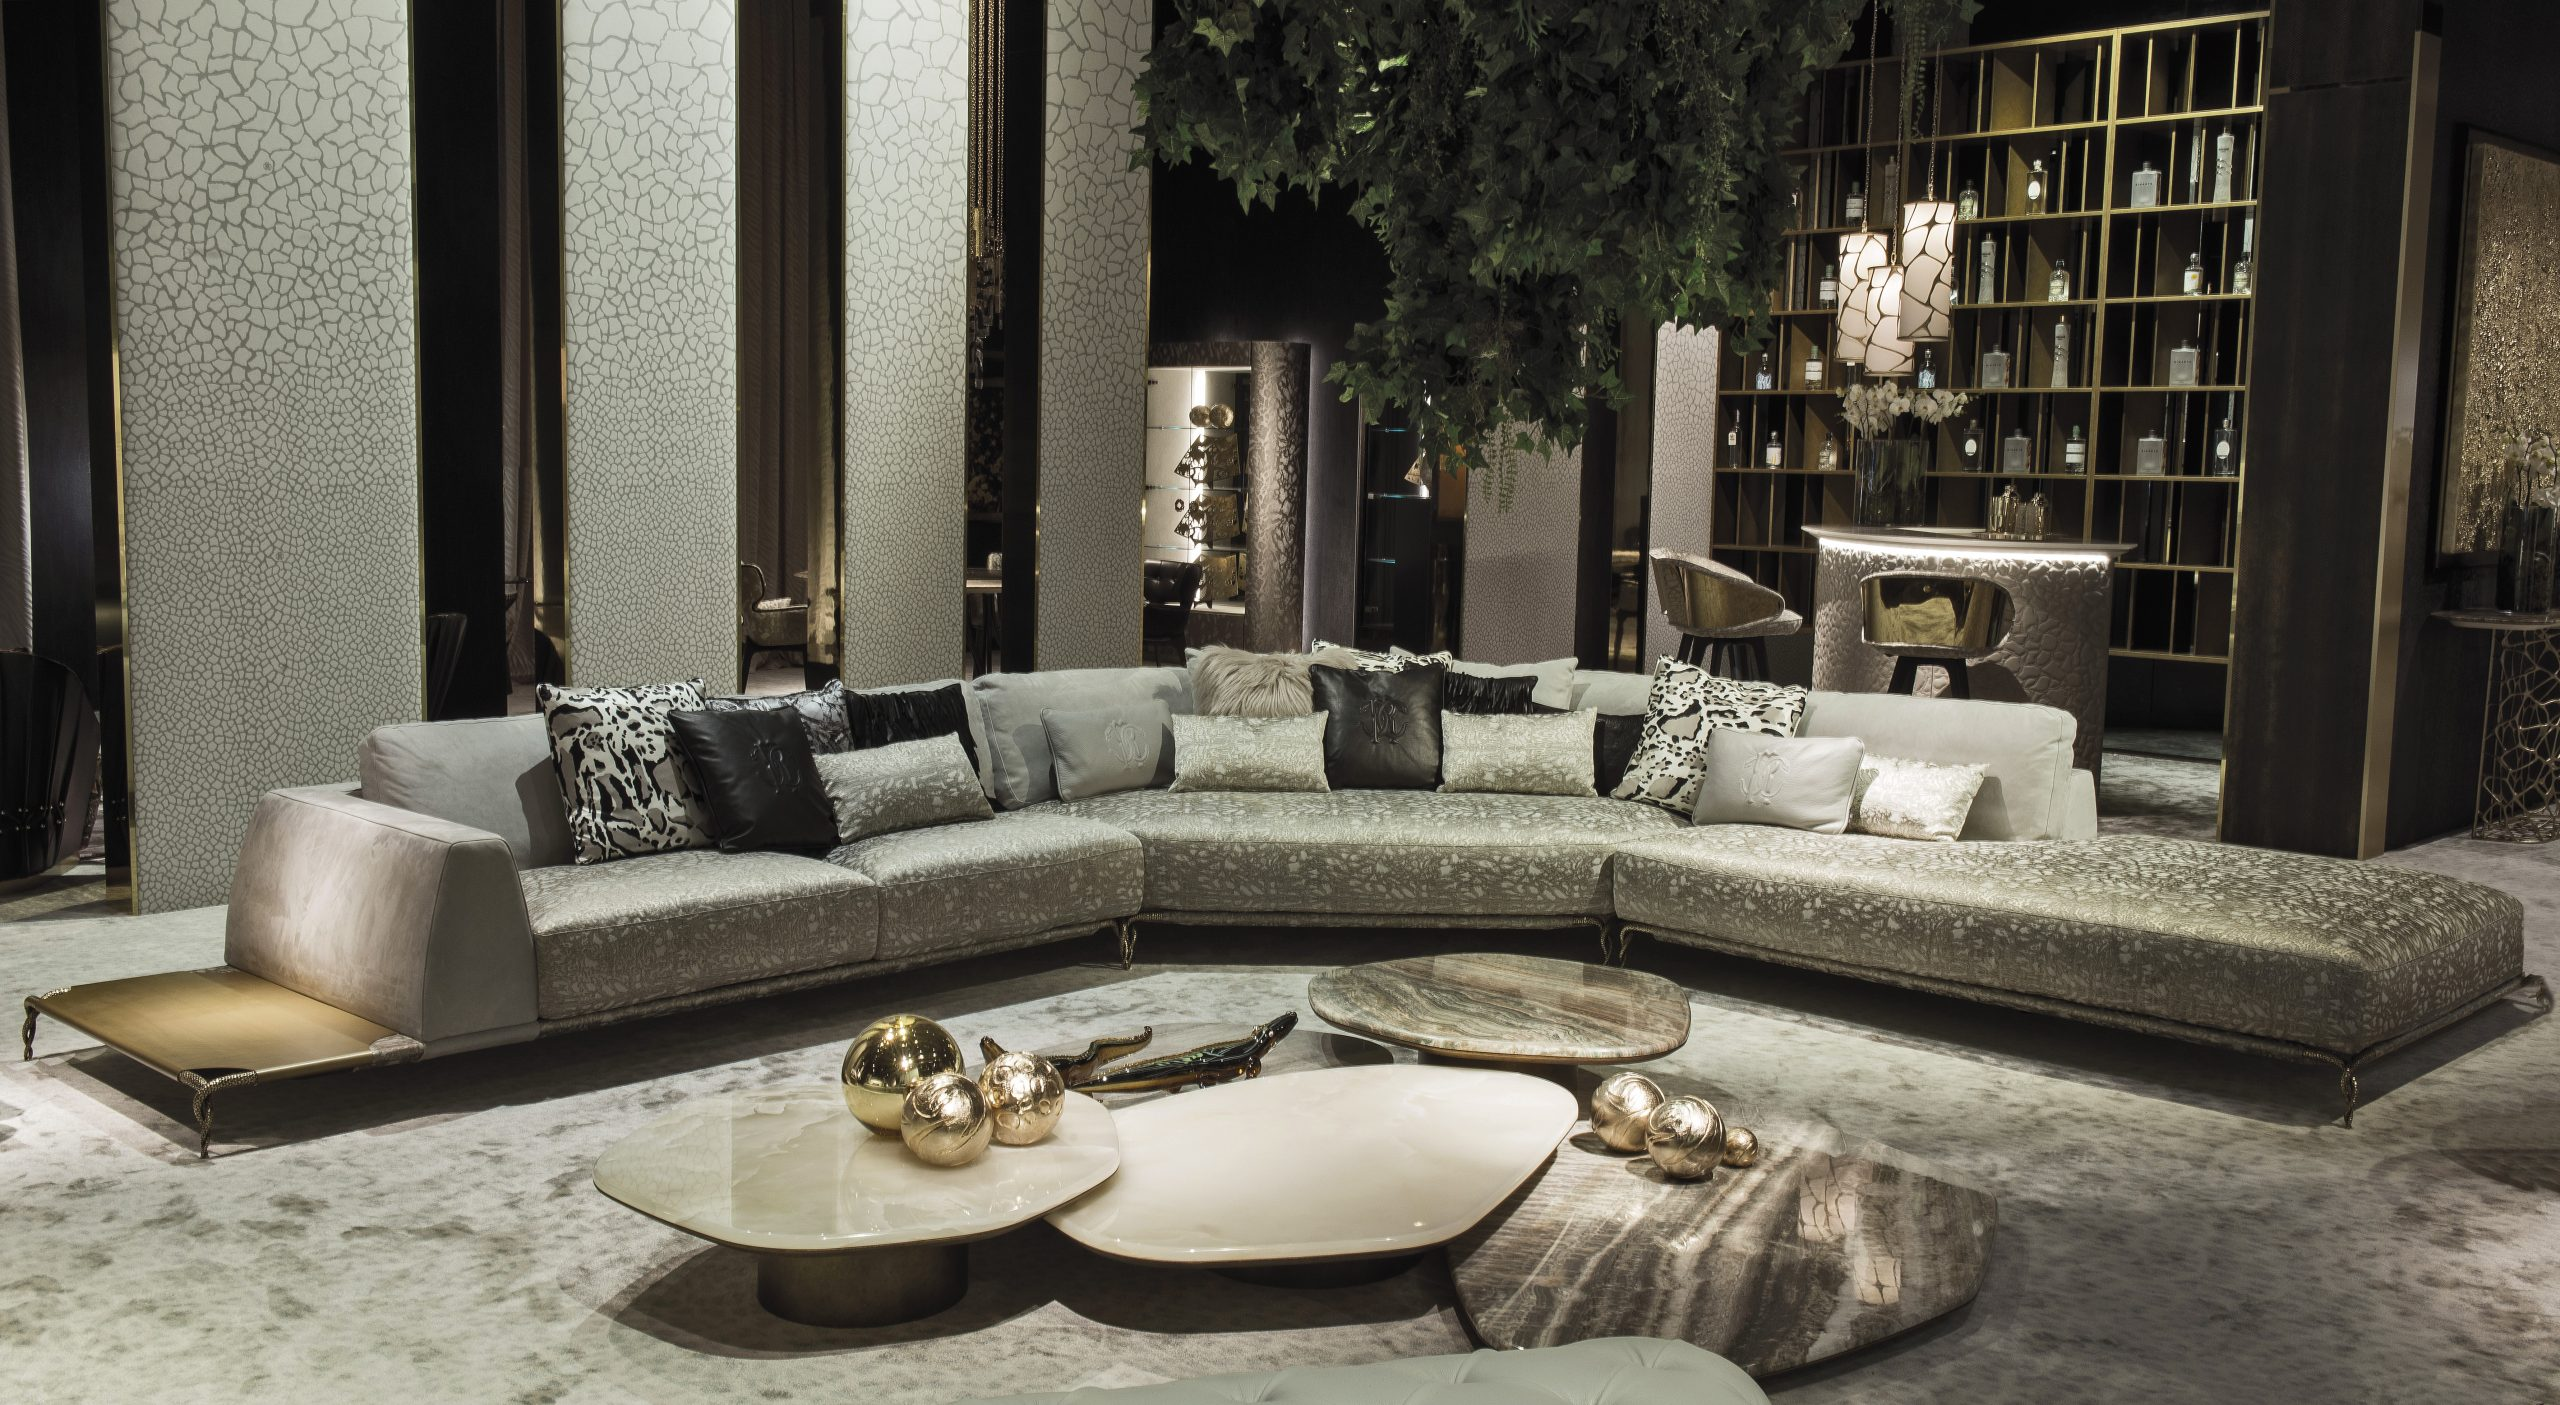 Cavalli Room set